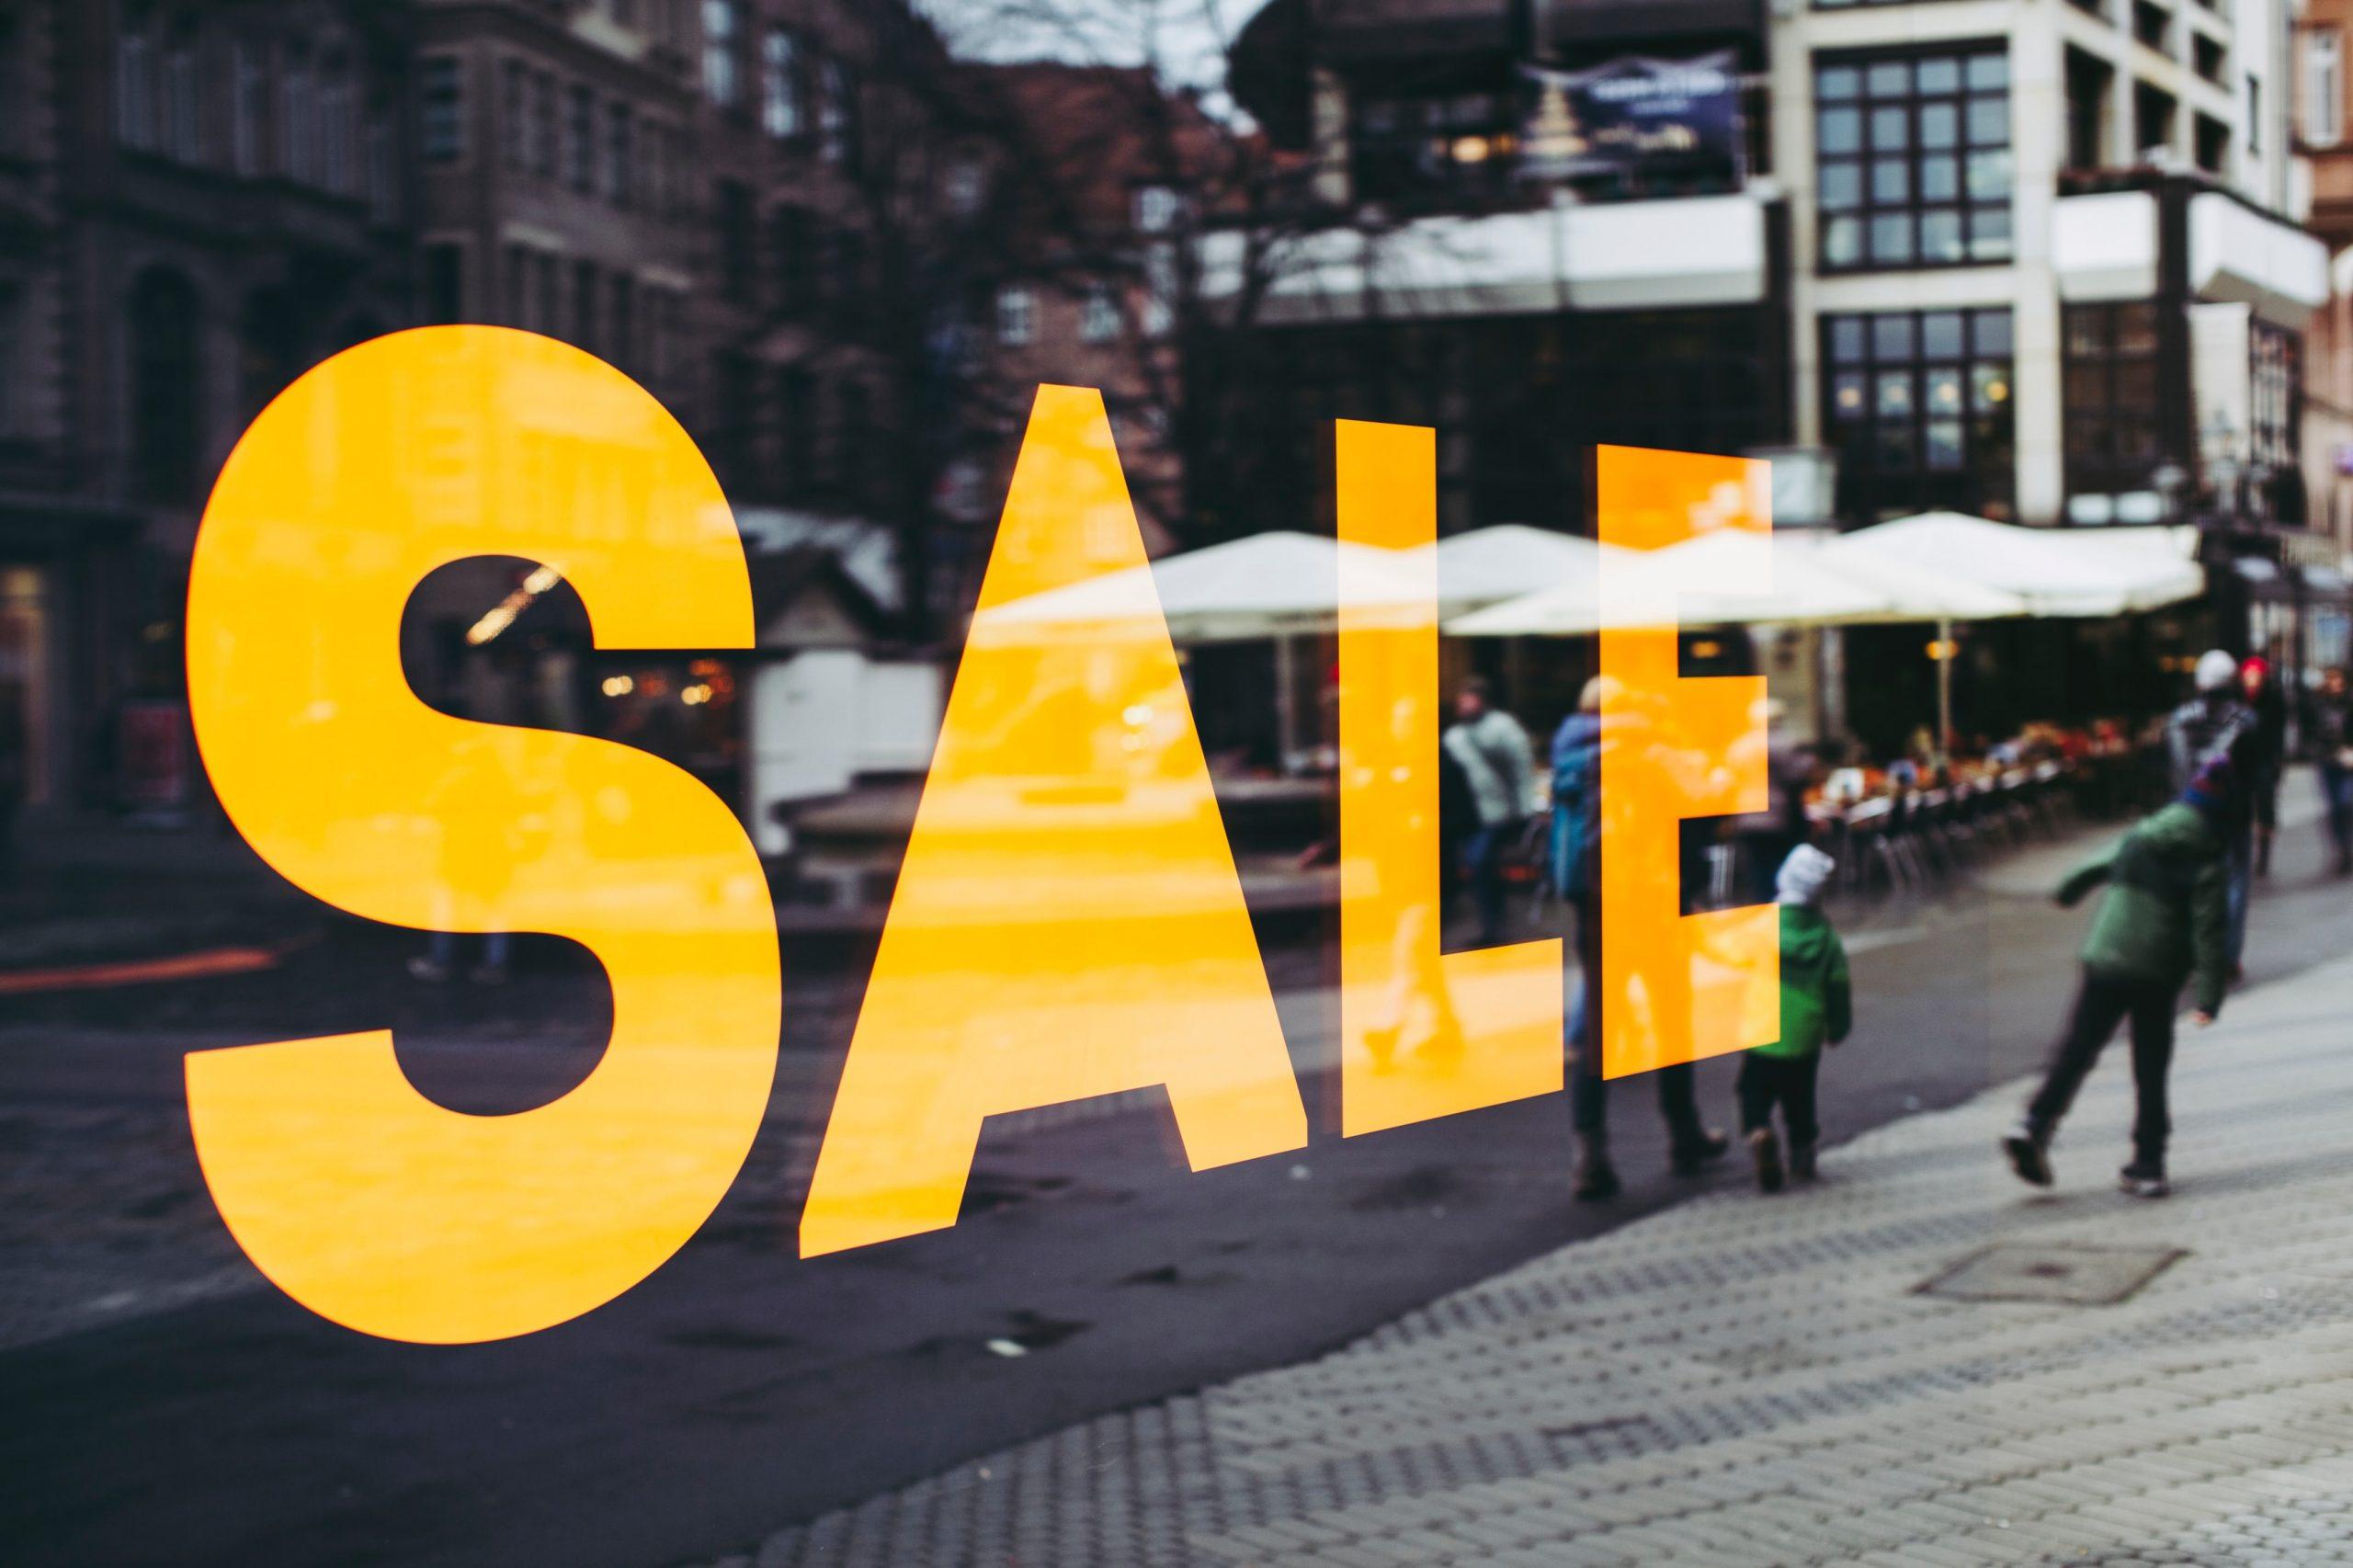 black friday, 2020, covid, reporté, amazon, soldes, promotions, vendredi noir, e commerce, ouverture des commerces, ventes, shopping